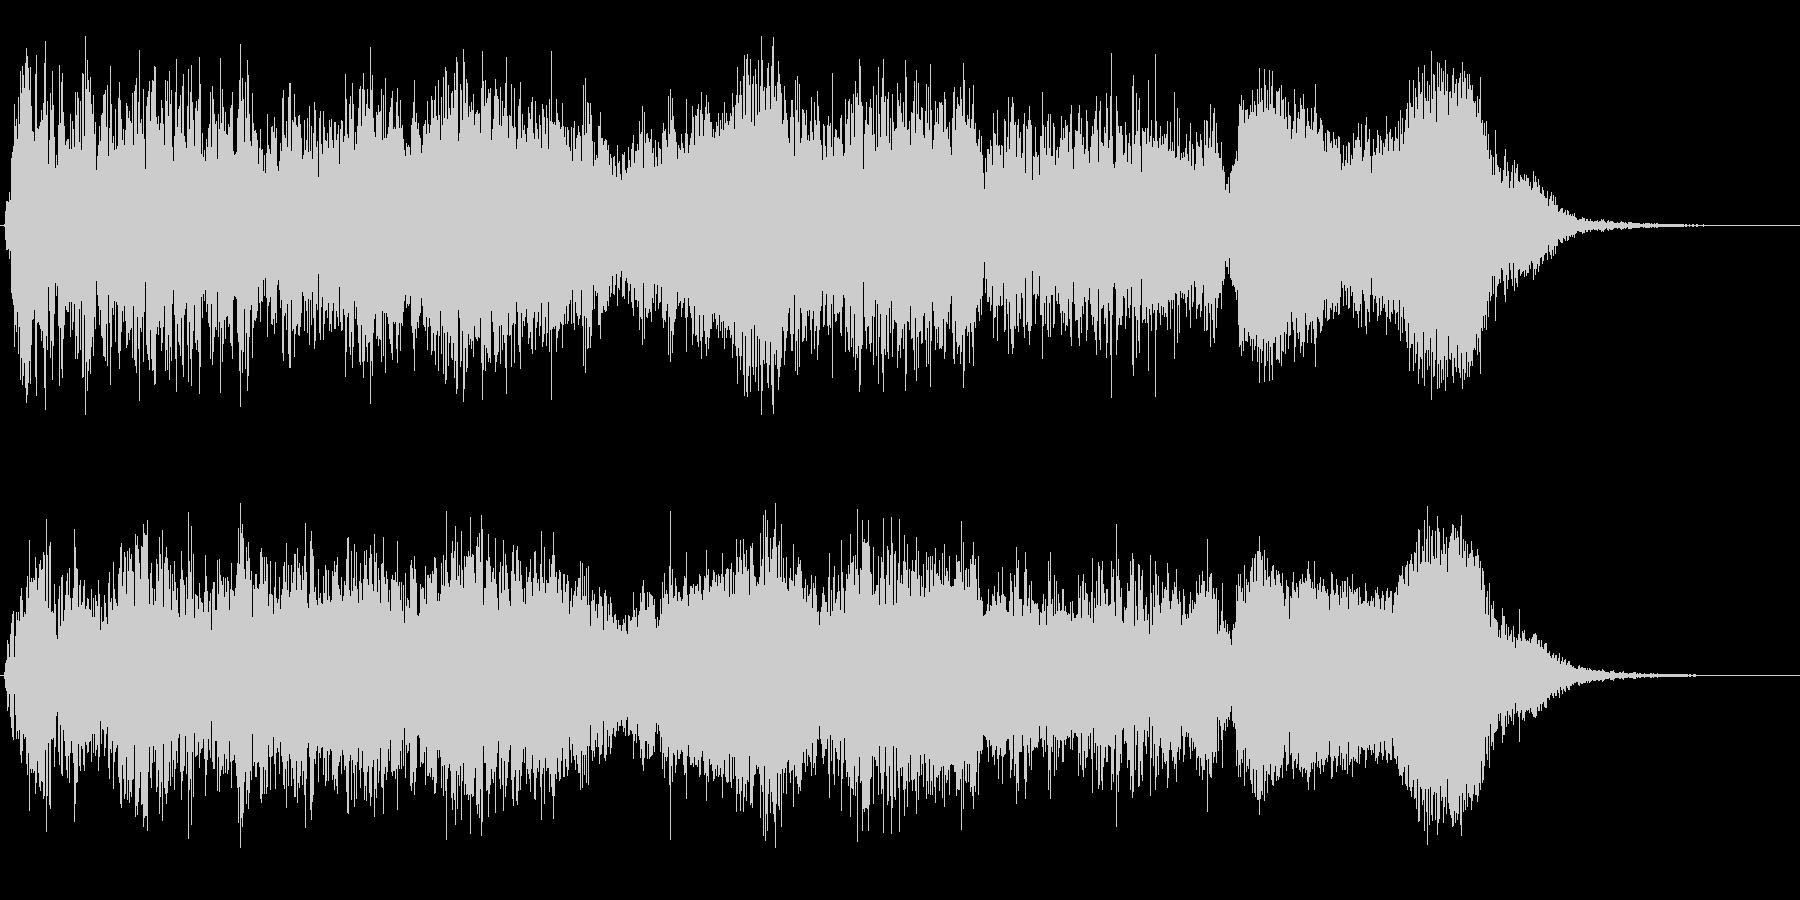 データコンプレックスの未再生の波形